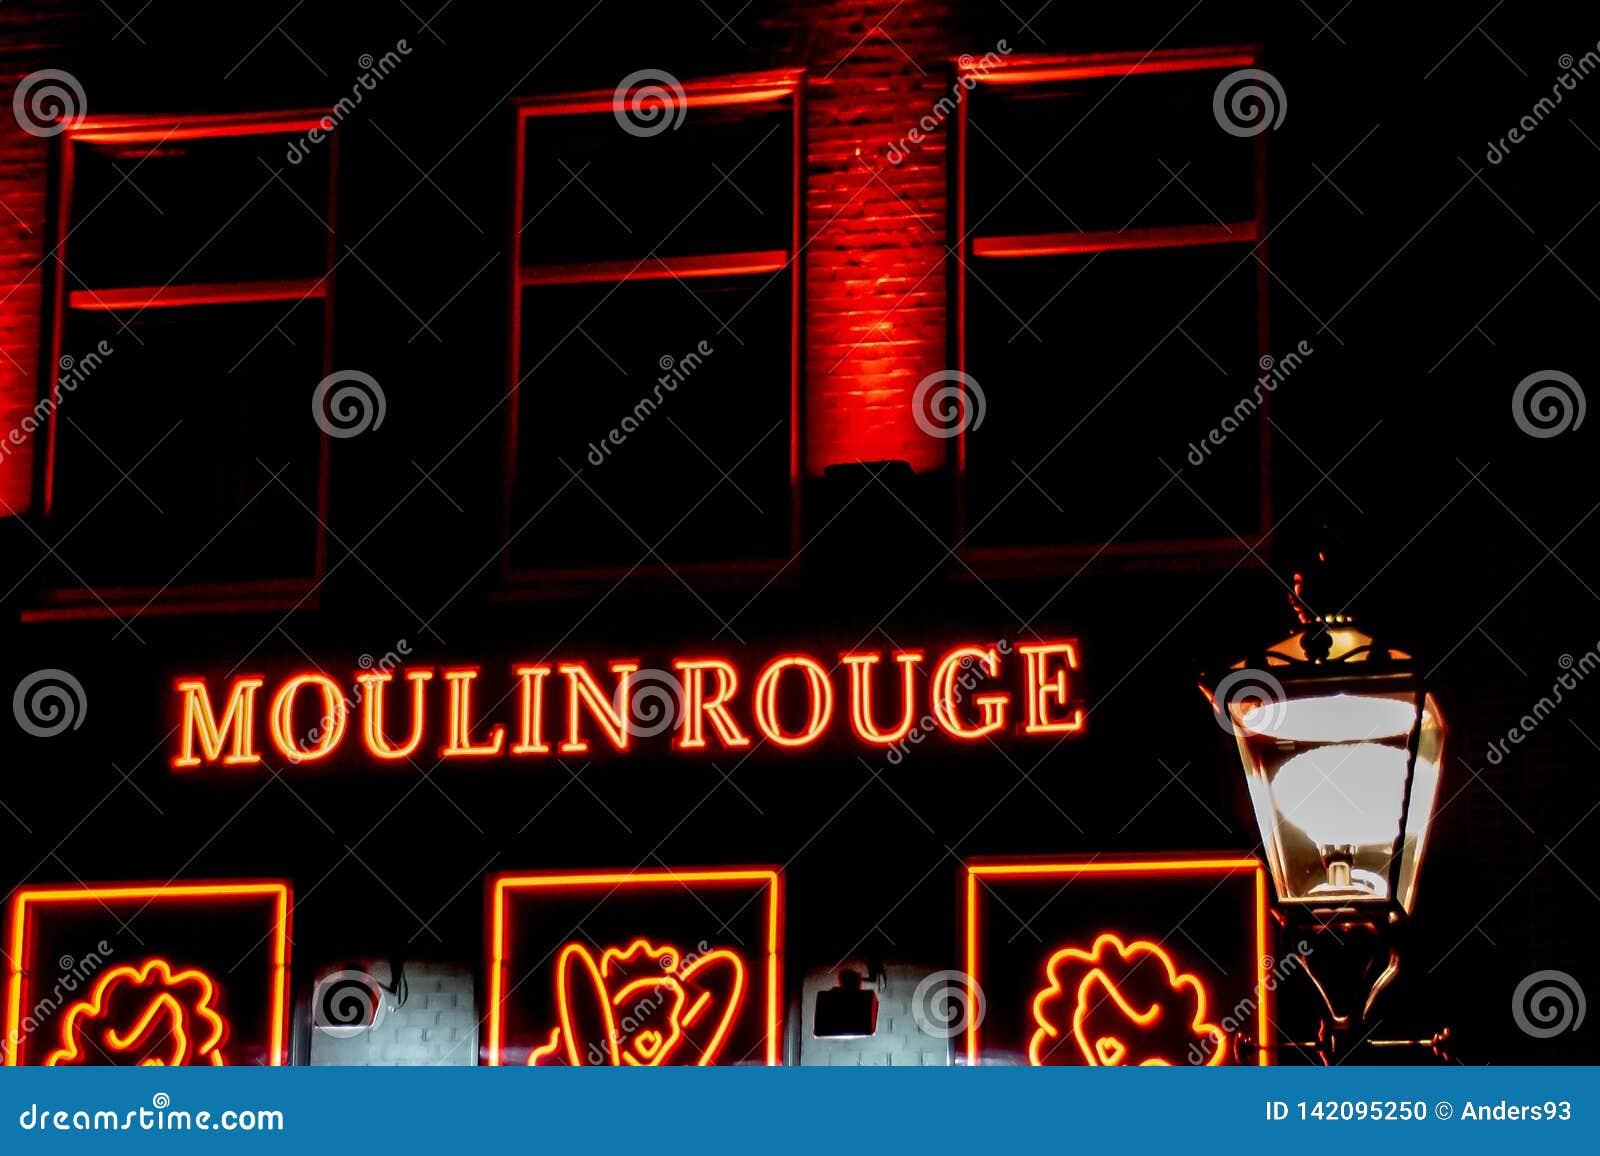 Enseignes au néon du Moulin rouge à Amsterdam, Pays-Bas